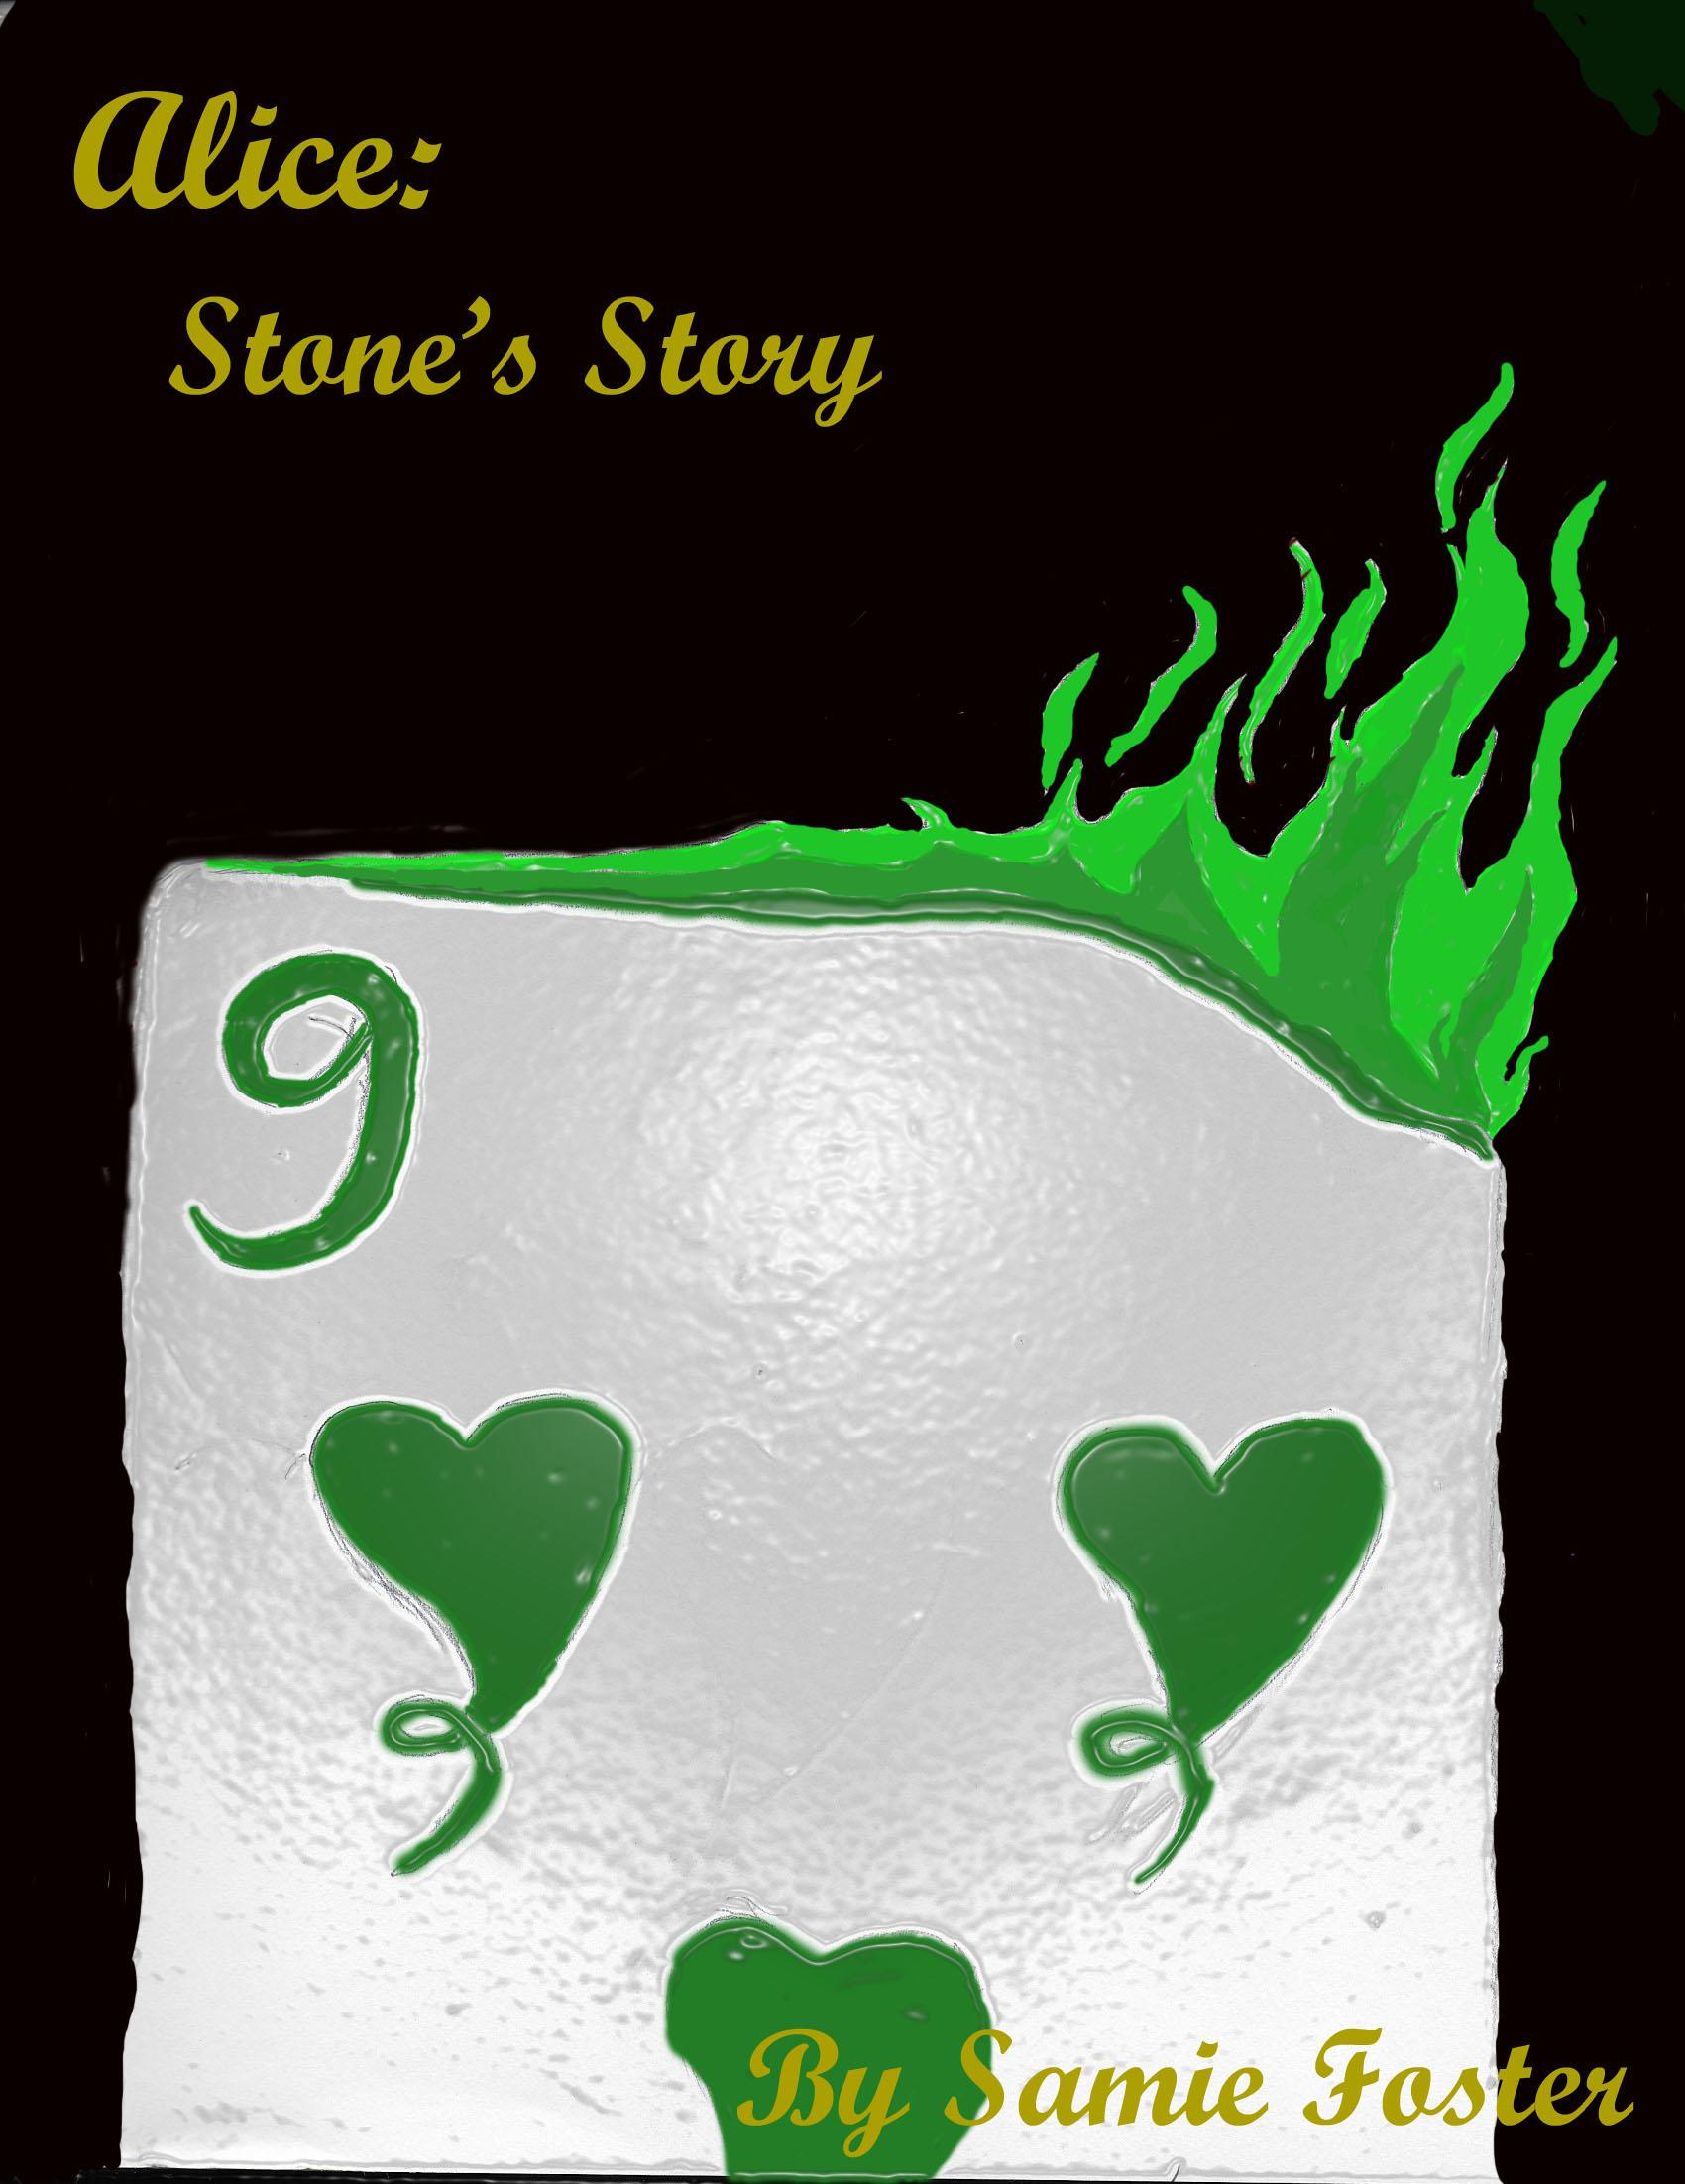 Alice: Stone's Story